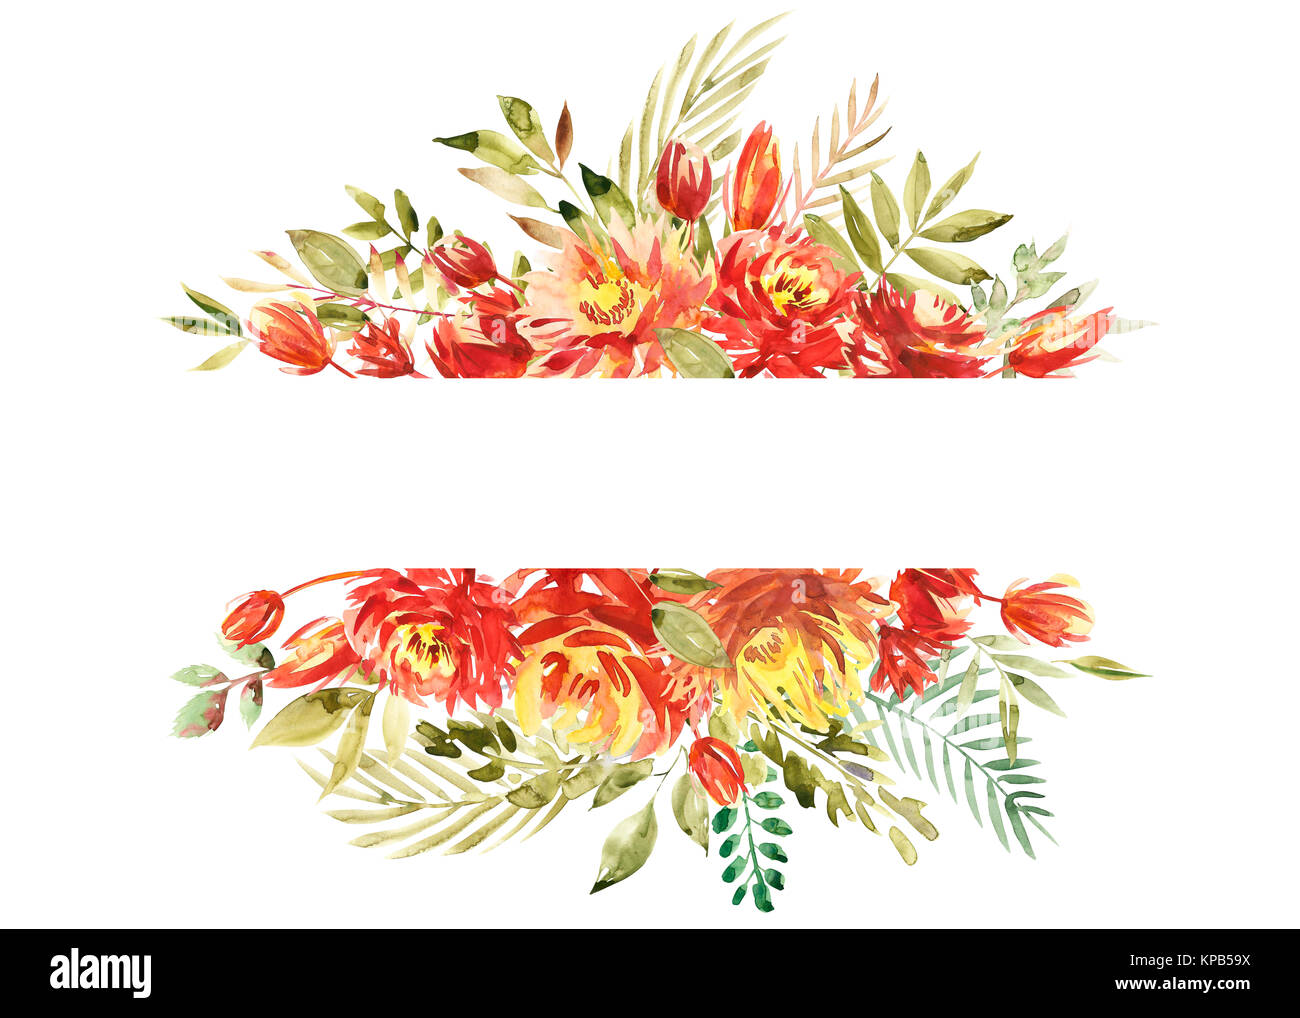 Schönen aquarell Grenze Rahmen mit Pfingstrose, Blume, Blattwerk ...